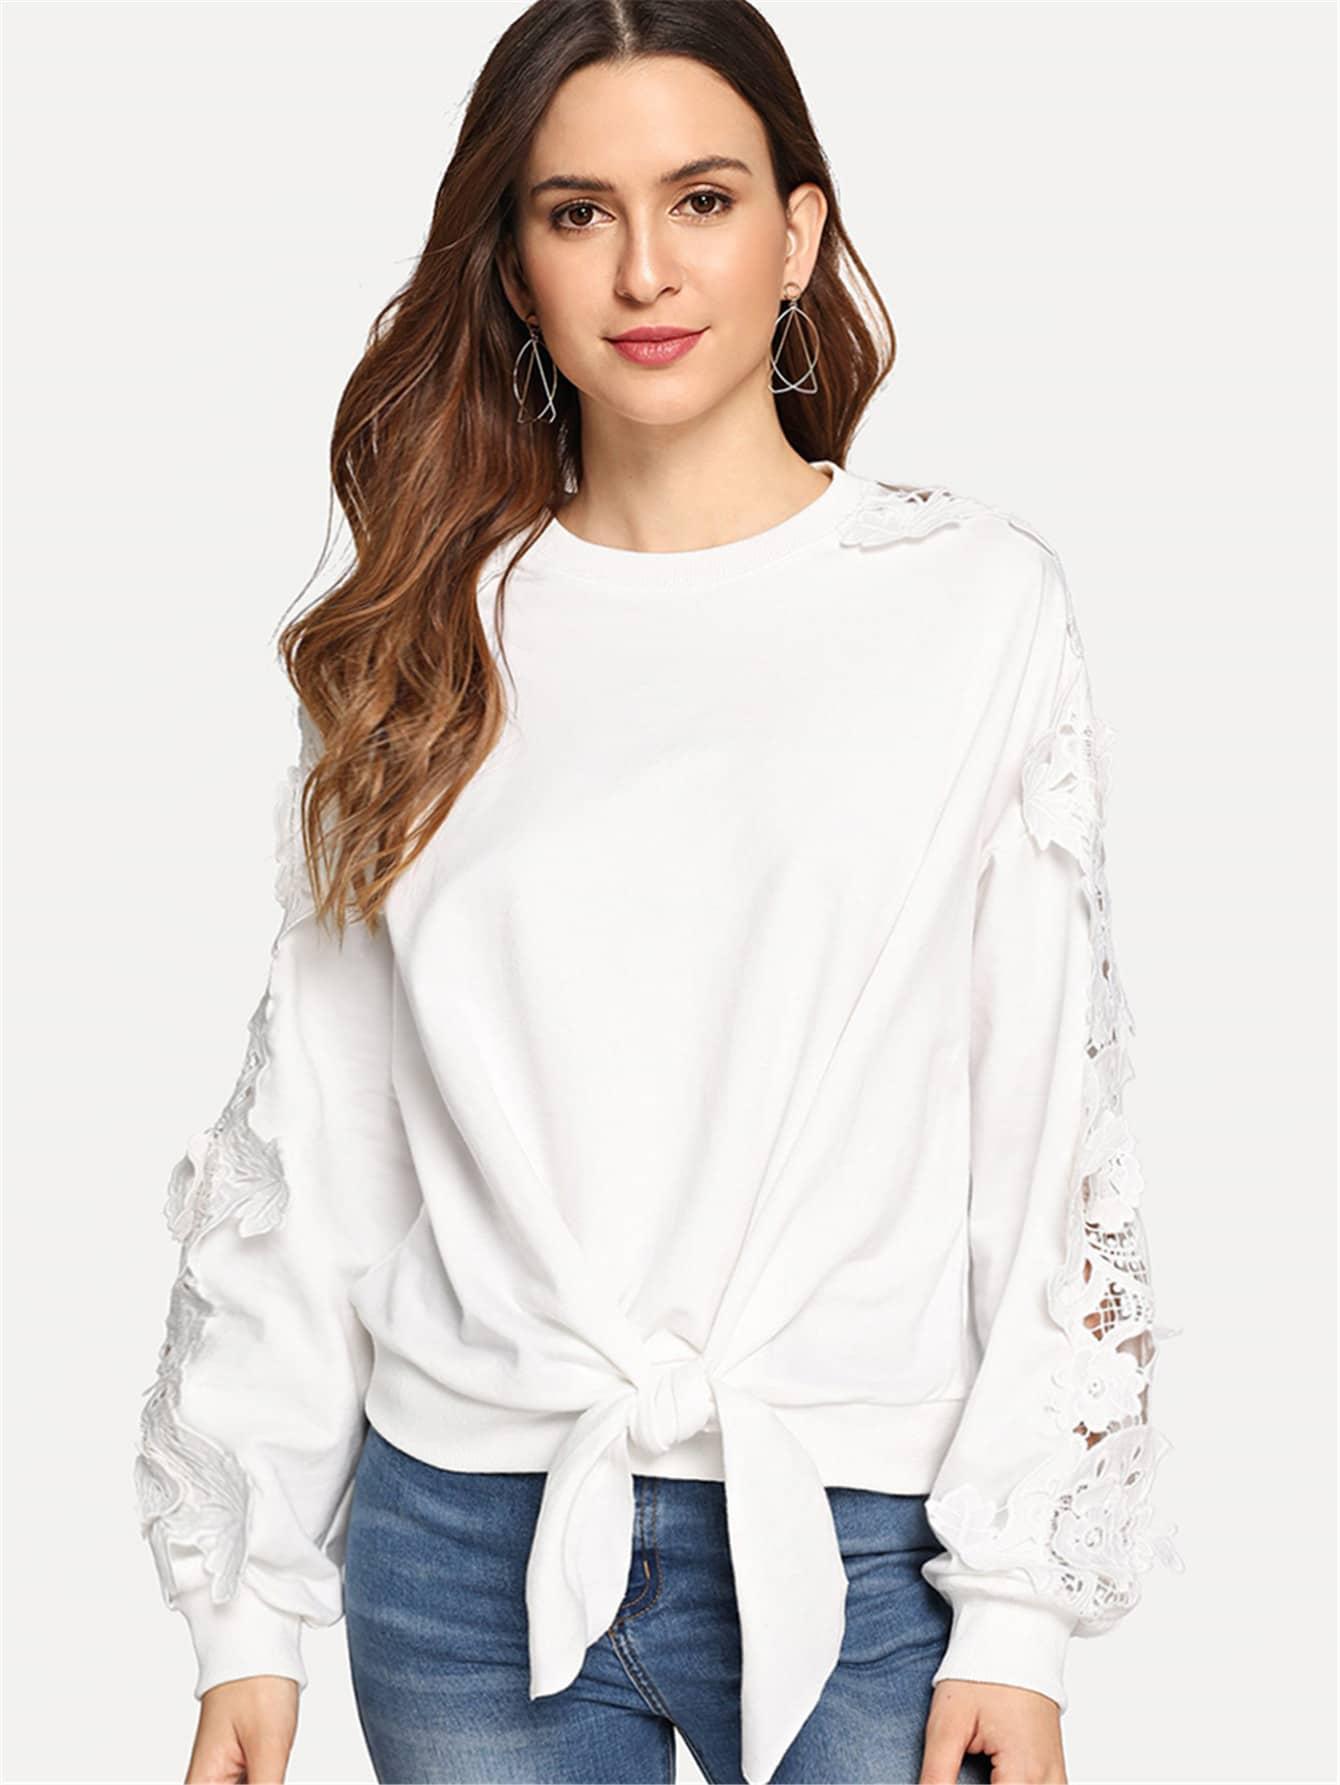 Купить Твердый пуловер с кружевным рукавом спереди бант, Jana, SheIn